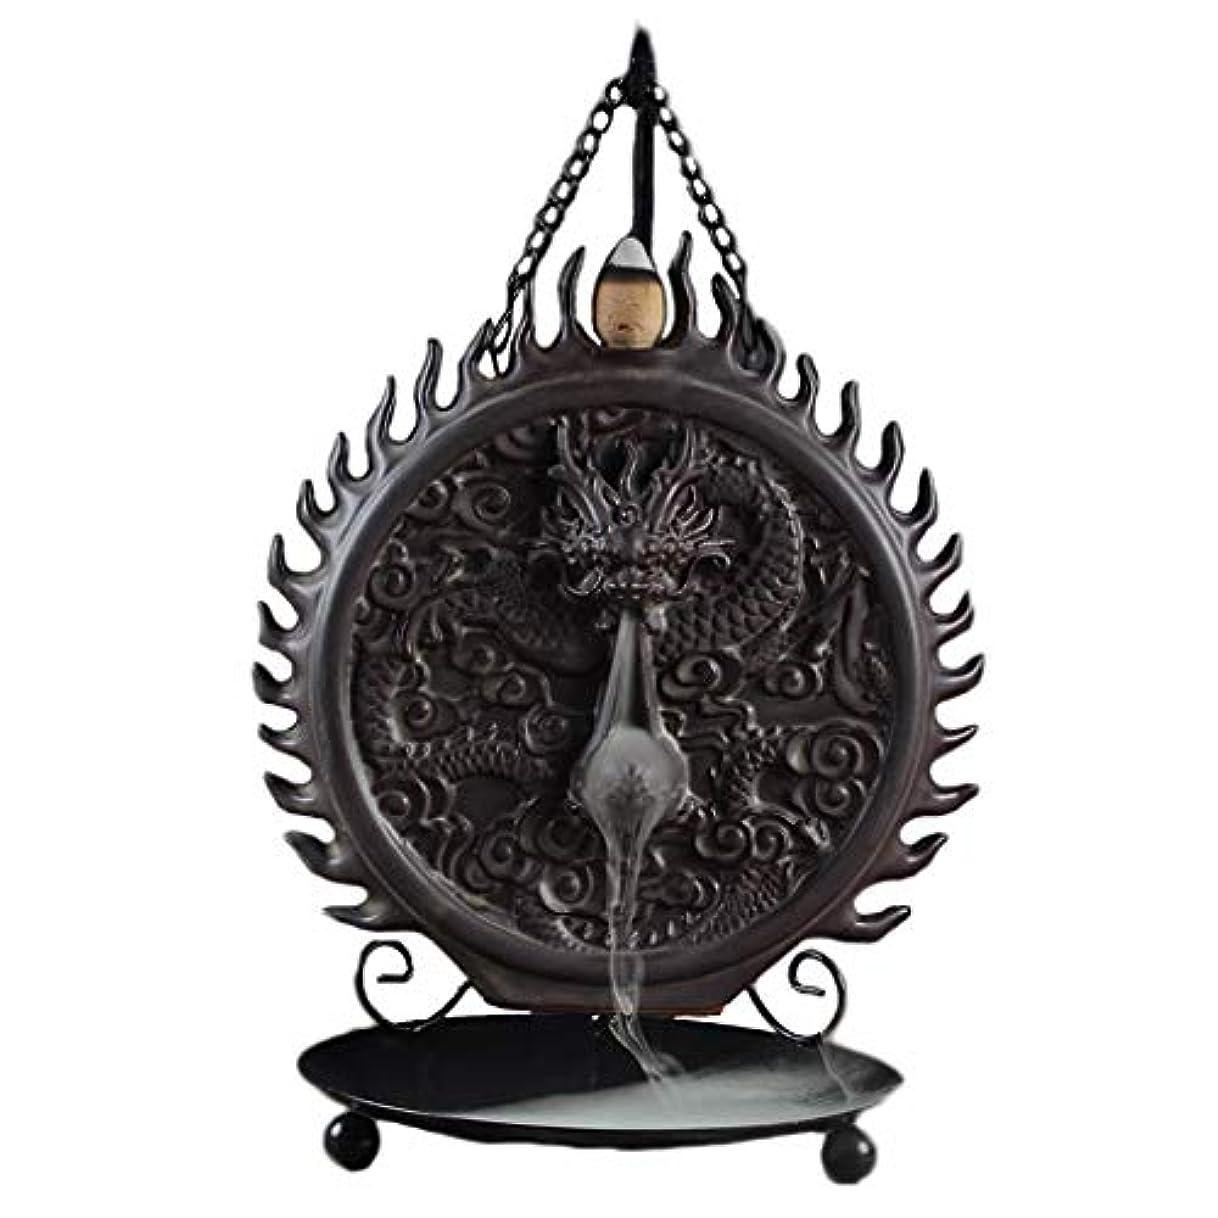 割り込みアイロニー自分のためにセラミックハンギング香炉バックフロードラゴンディスクホーム炉装飾香ホルダーアロマセラピー香バーナーホルダー (Color : Black, サイズ : 6.29*9.44inches)